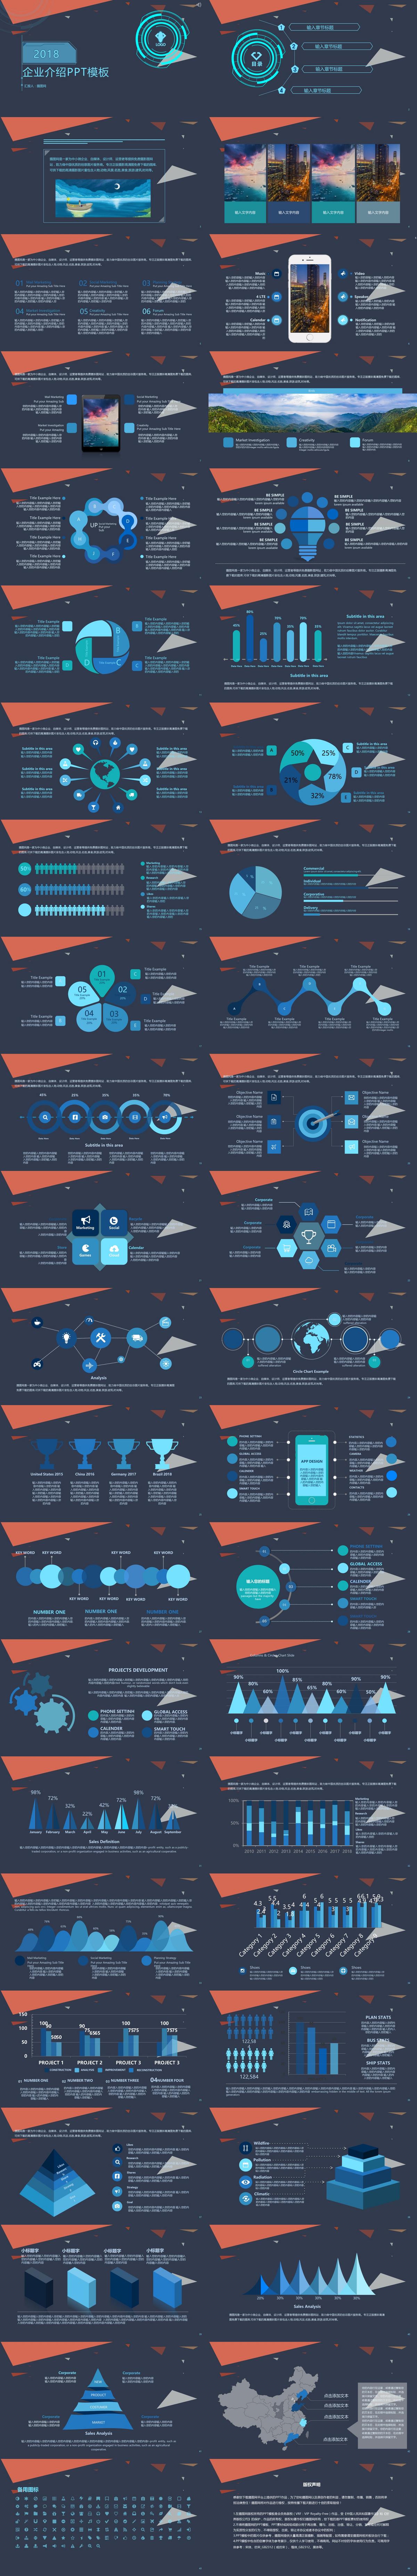 2018科技感企业介绍PPT模板图片